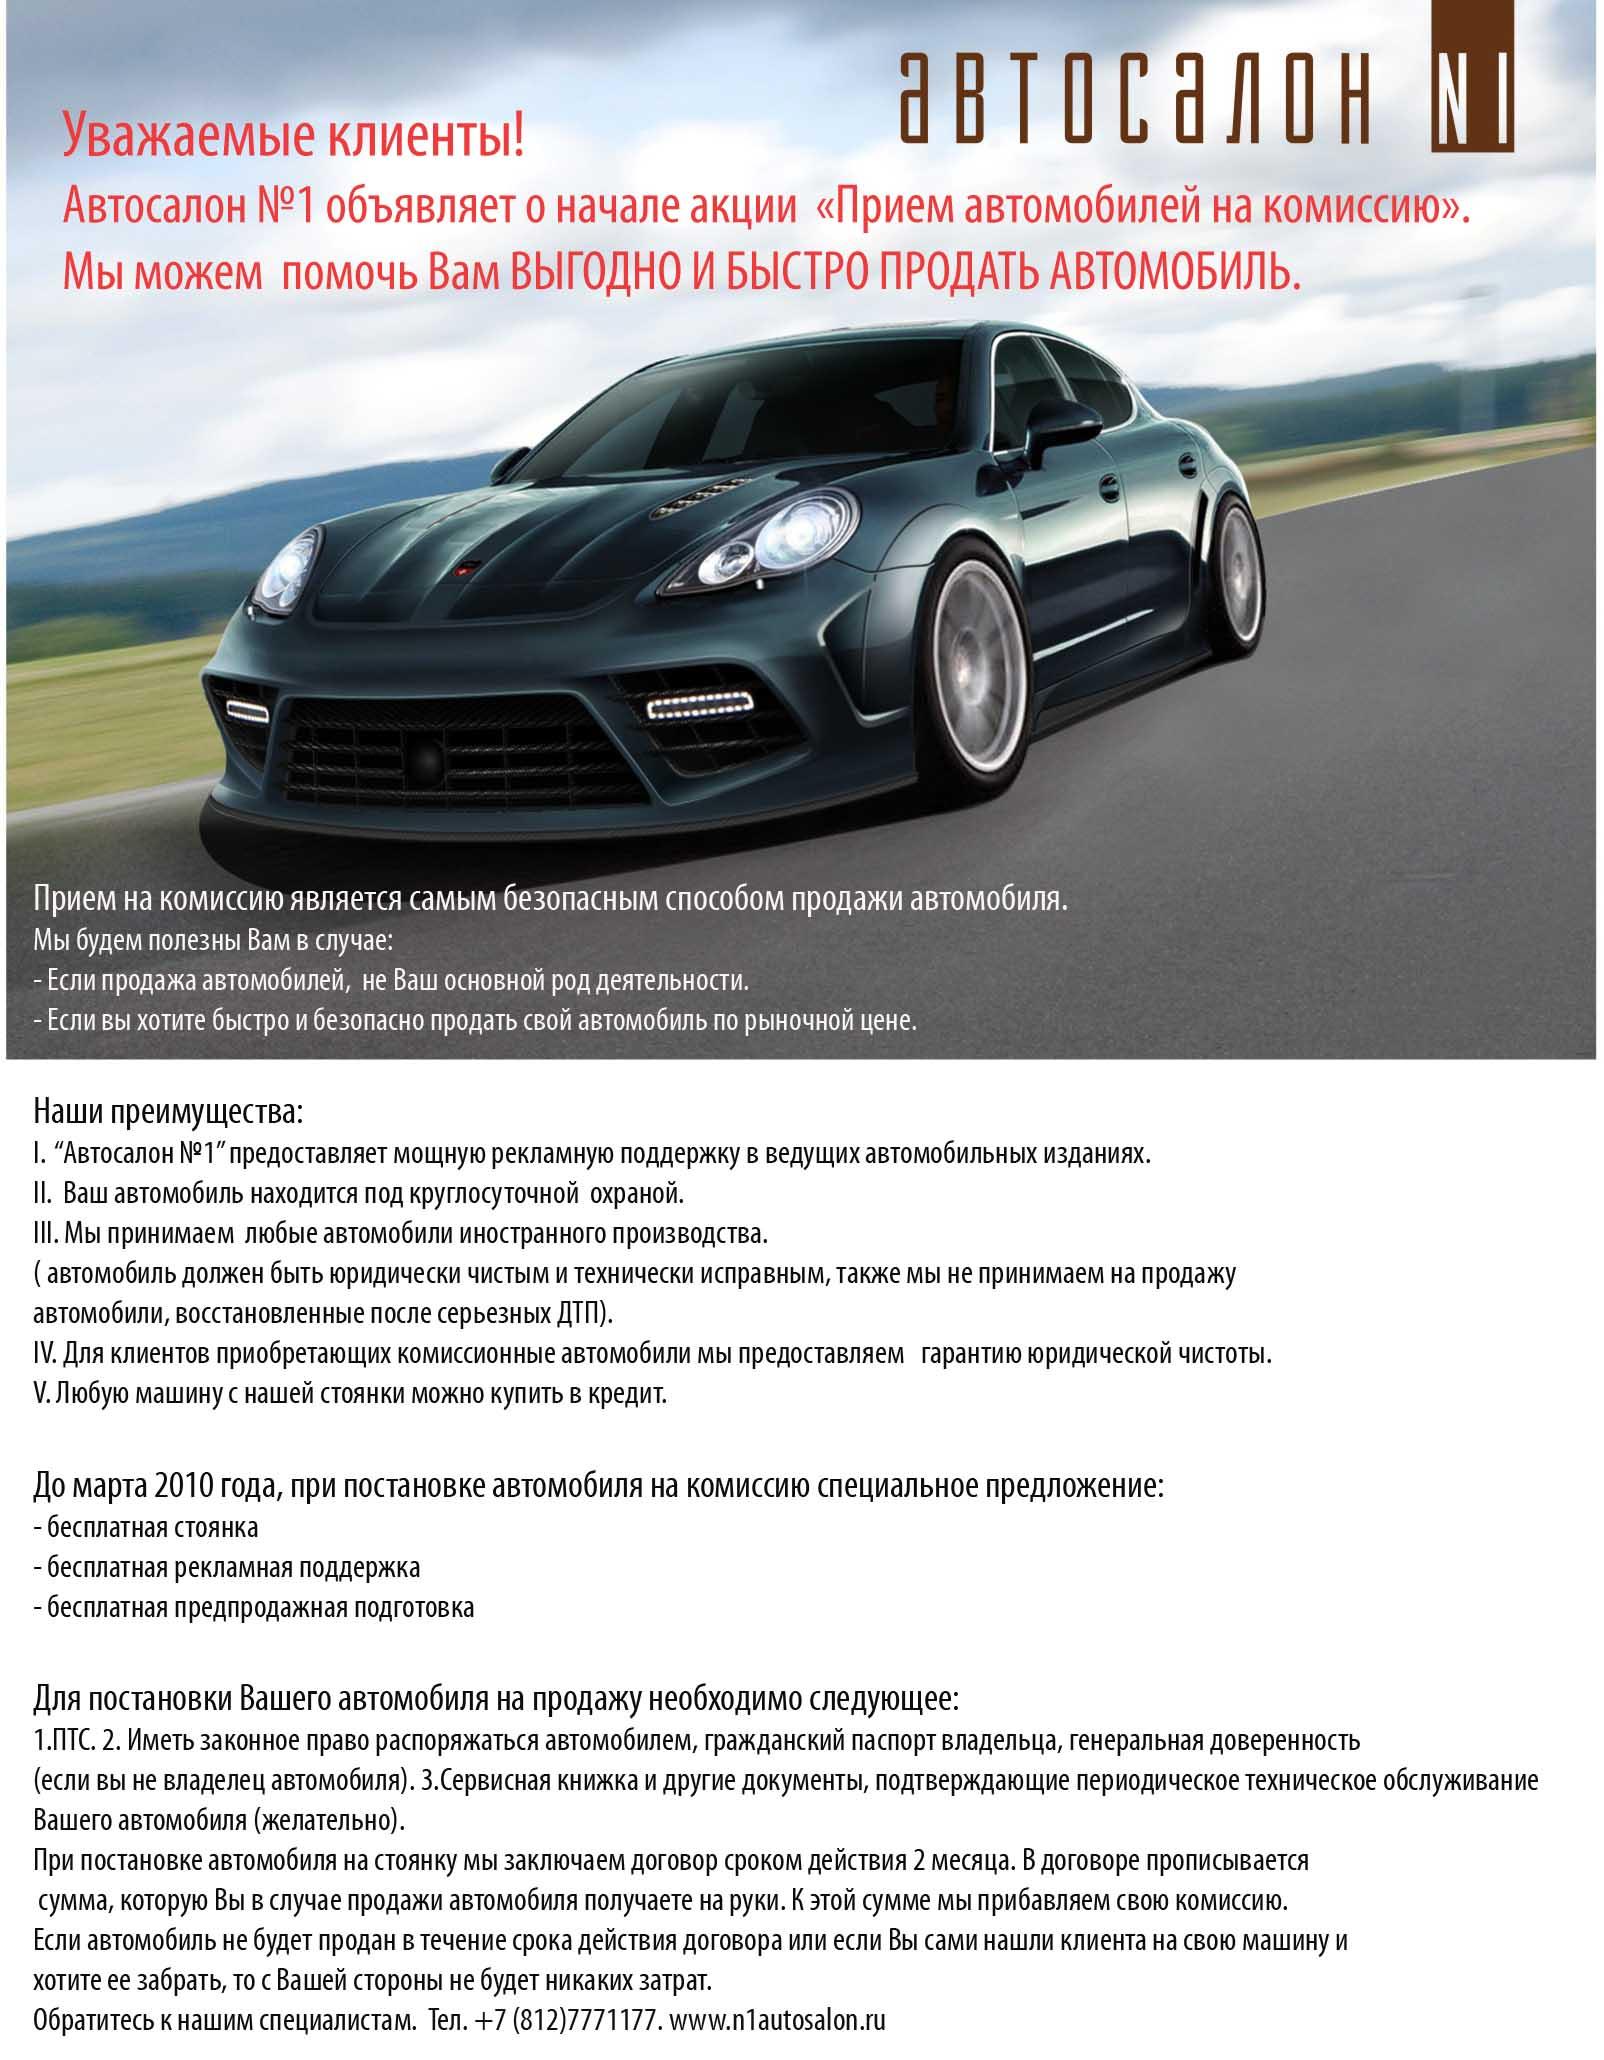 УАЗ Патриот — отзывы владельцев (с фото)